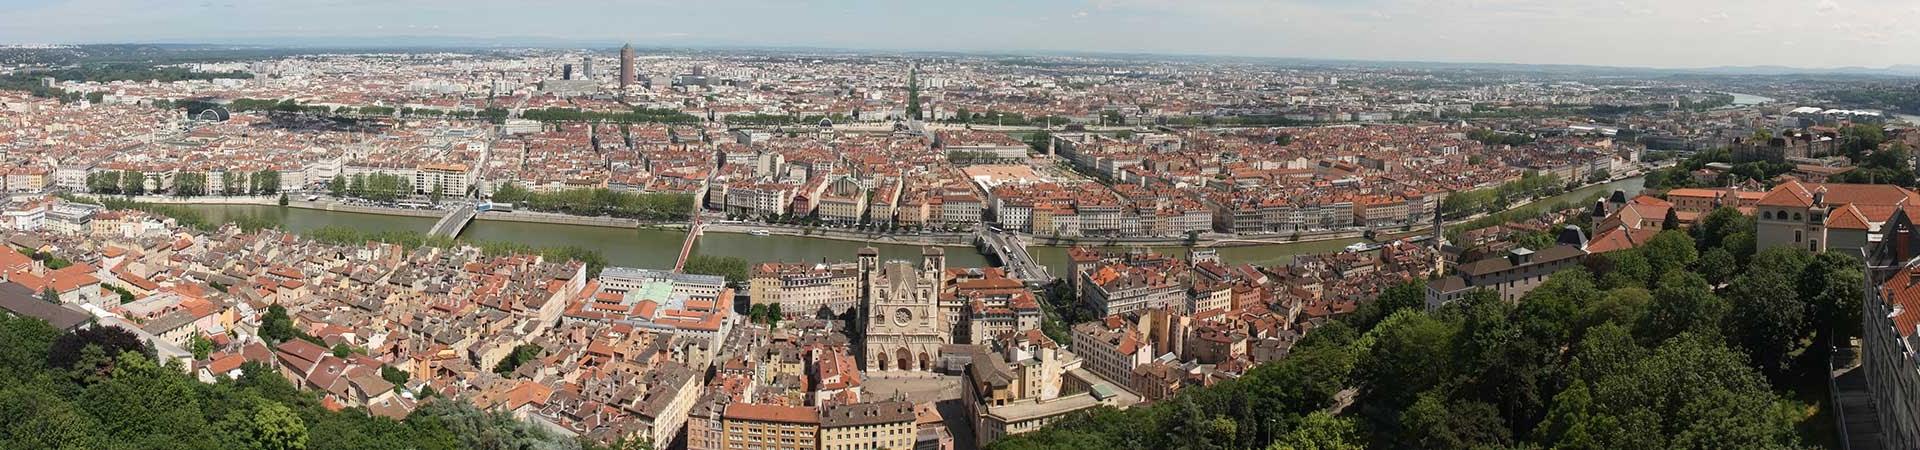 vente appartement Lyon 5e arrondissement